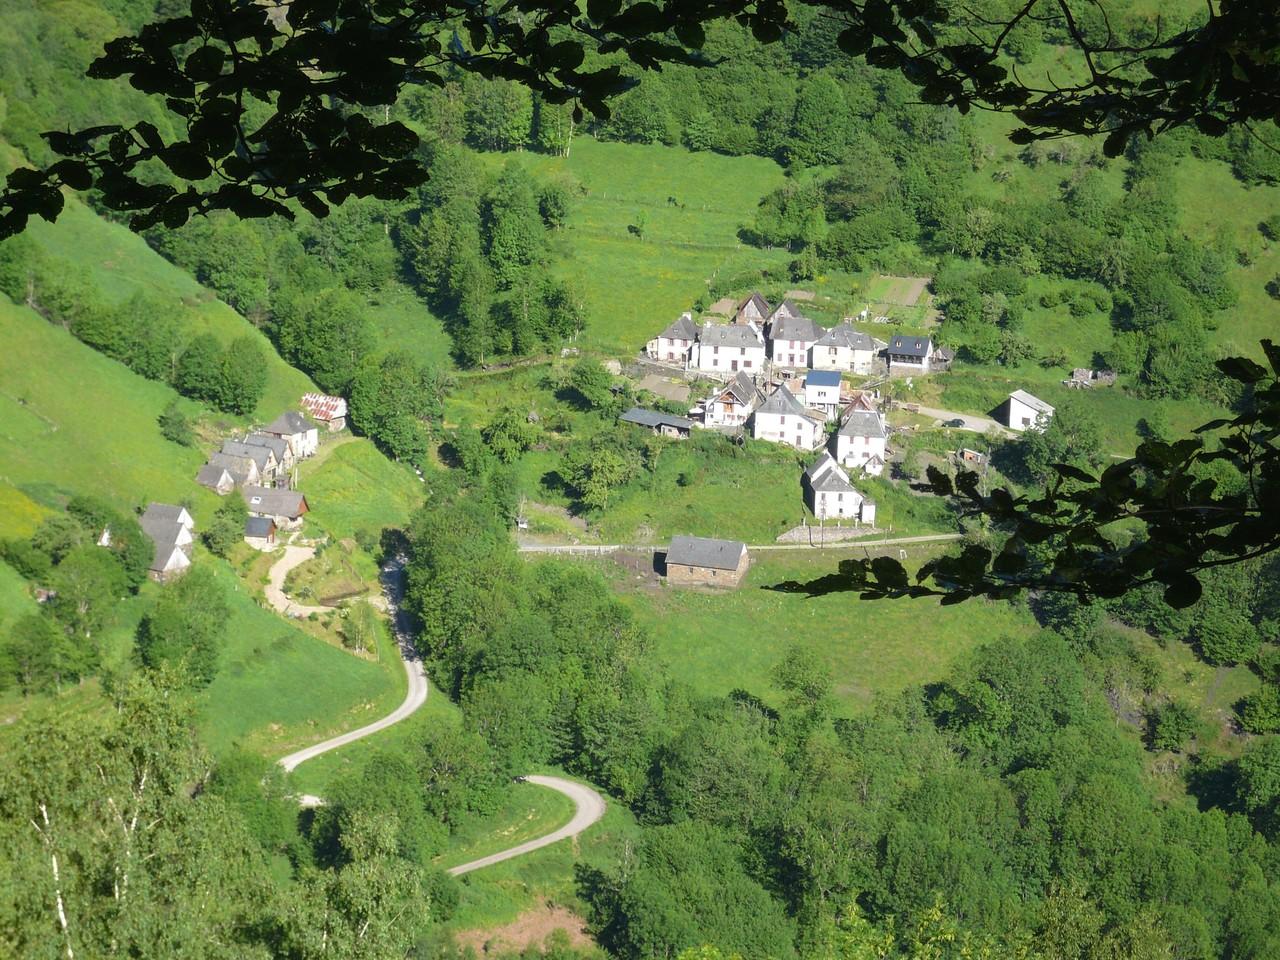 Les gites et le village